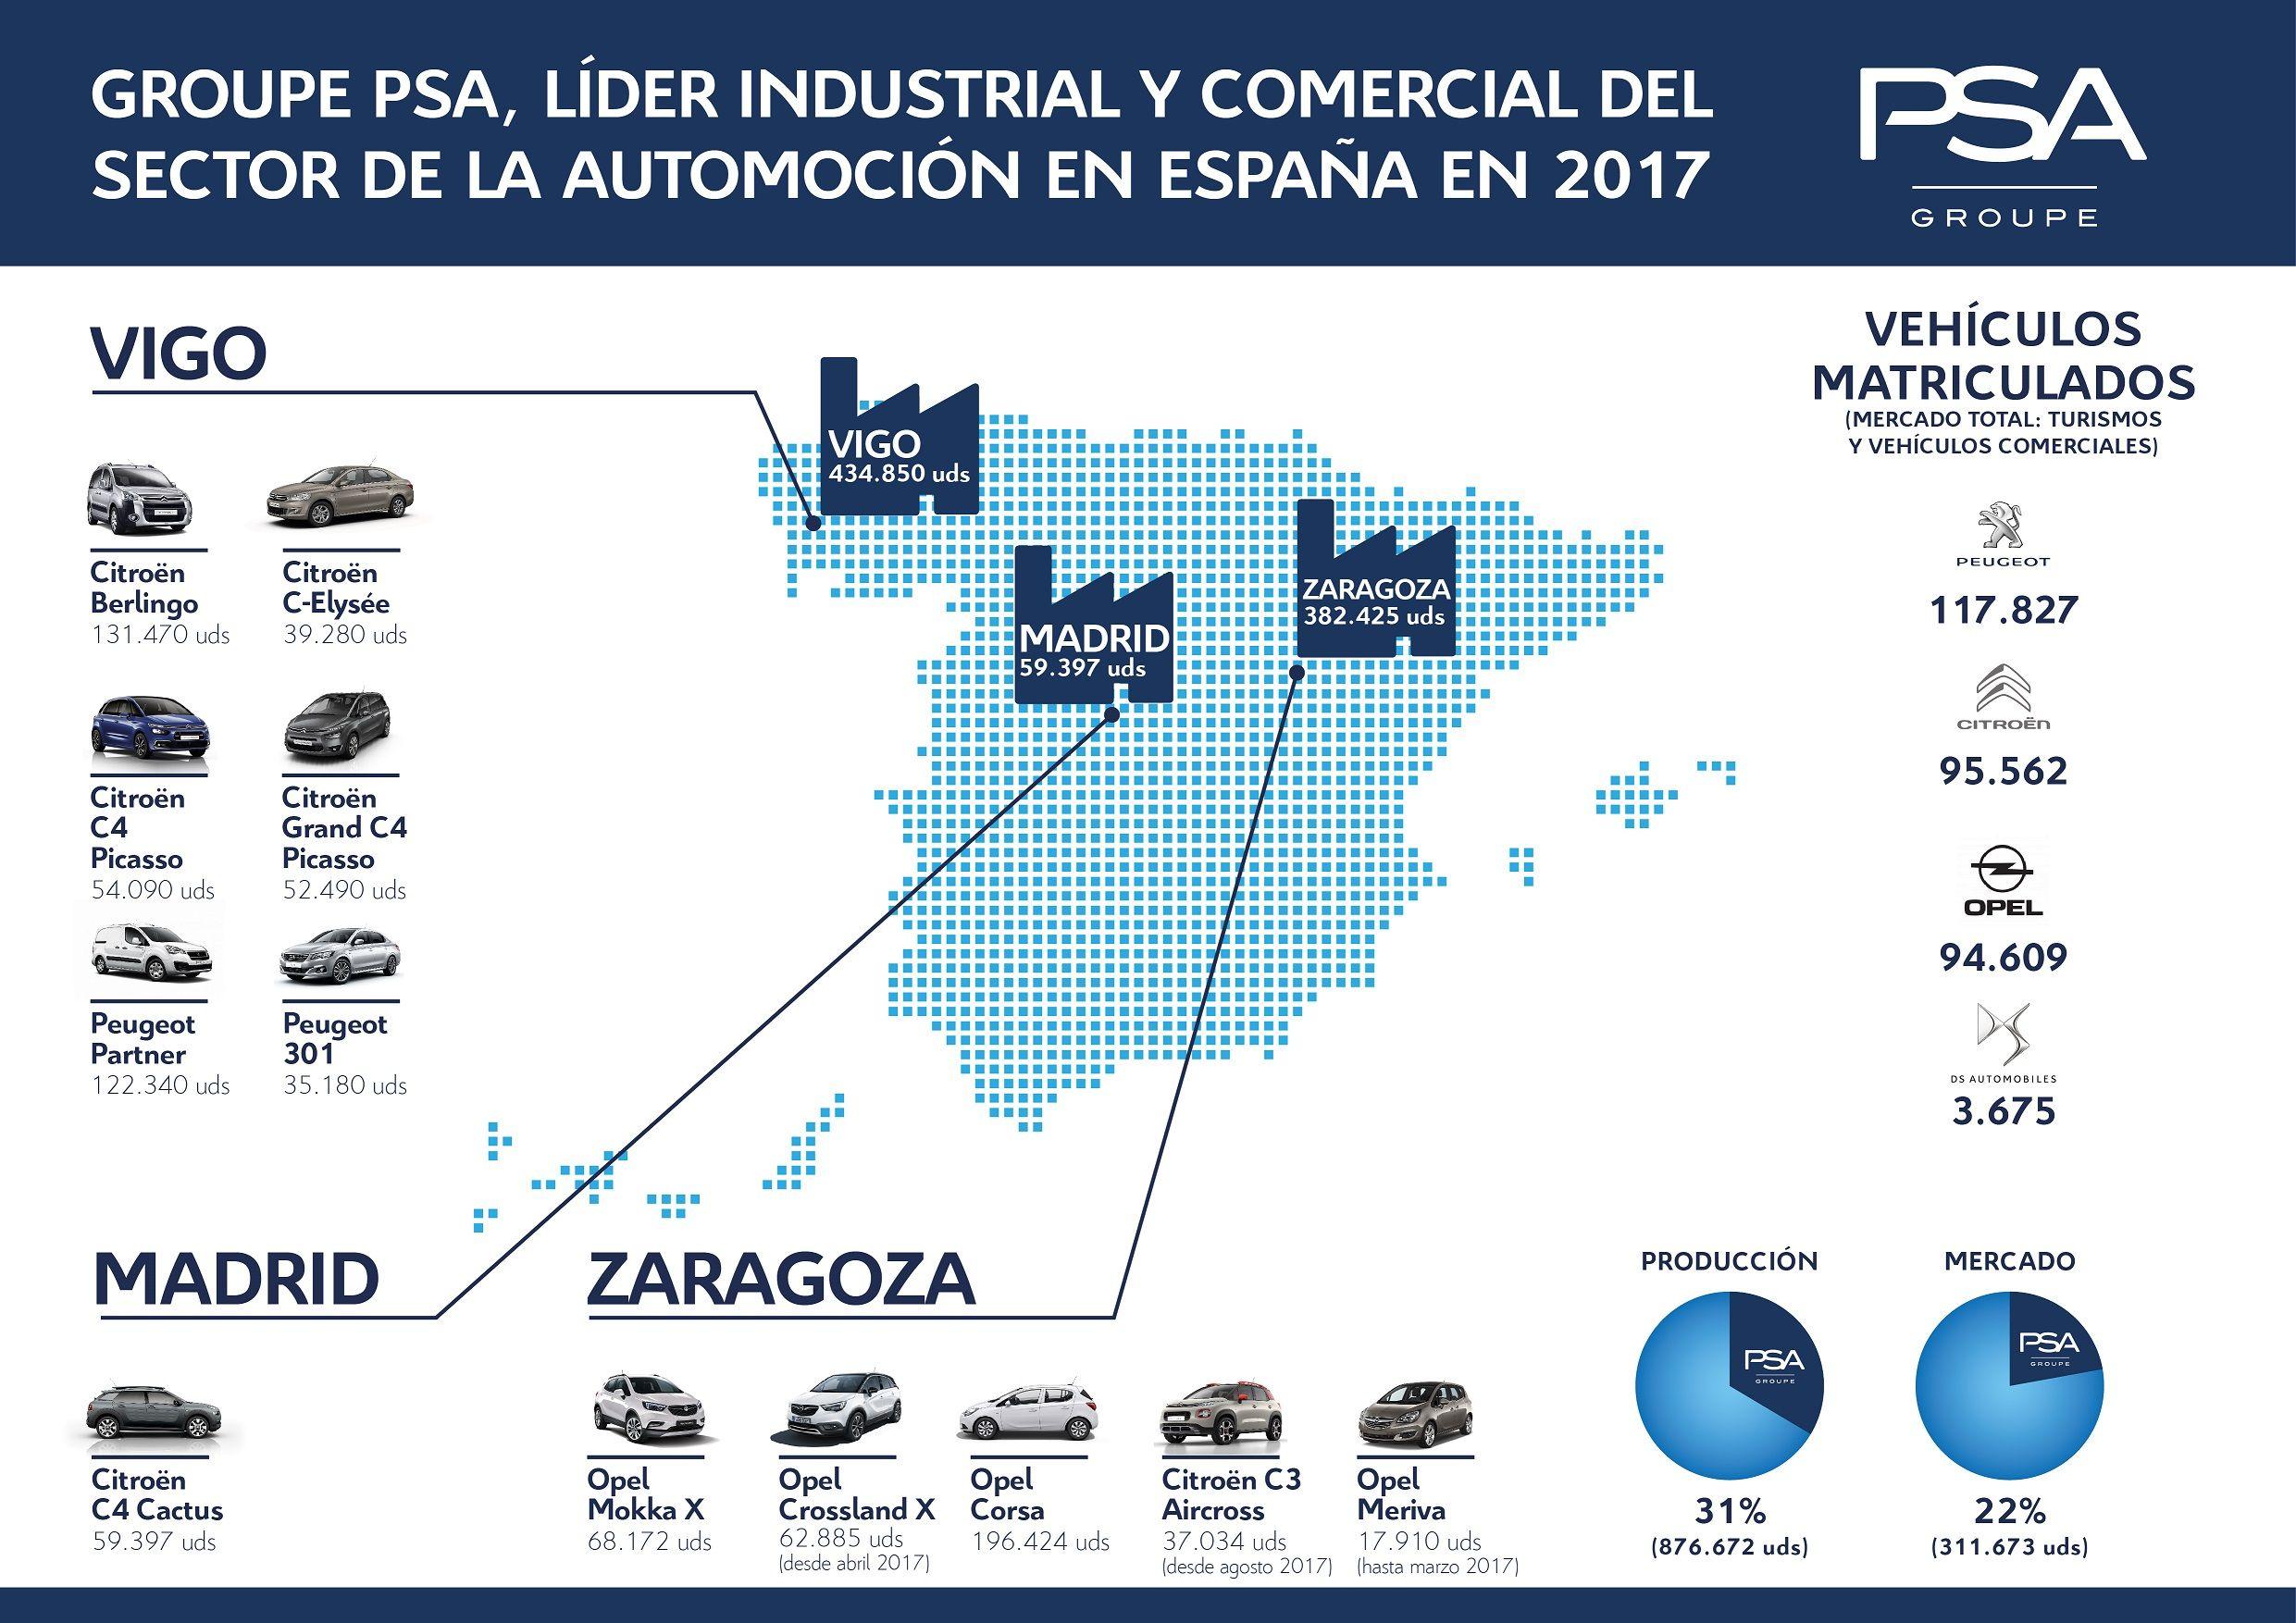 Groupe PSA se refuerza como actor principal en la producción de automóviles en España, tras el informe publicado por la OICA(*) y su ofensiva de producto